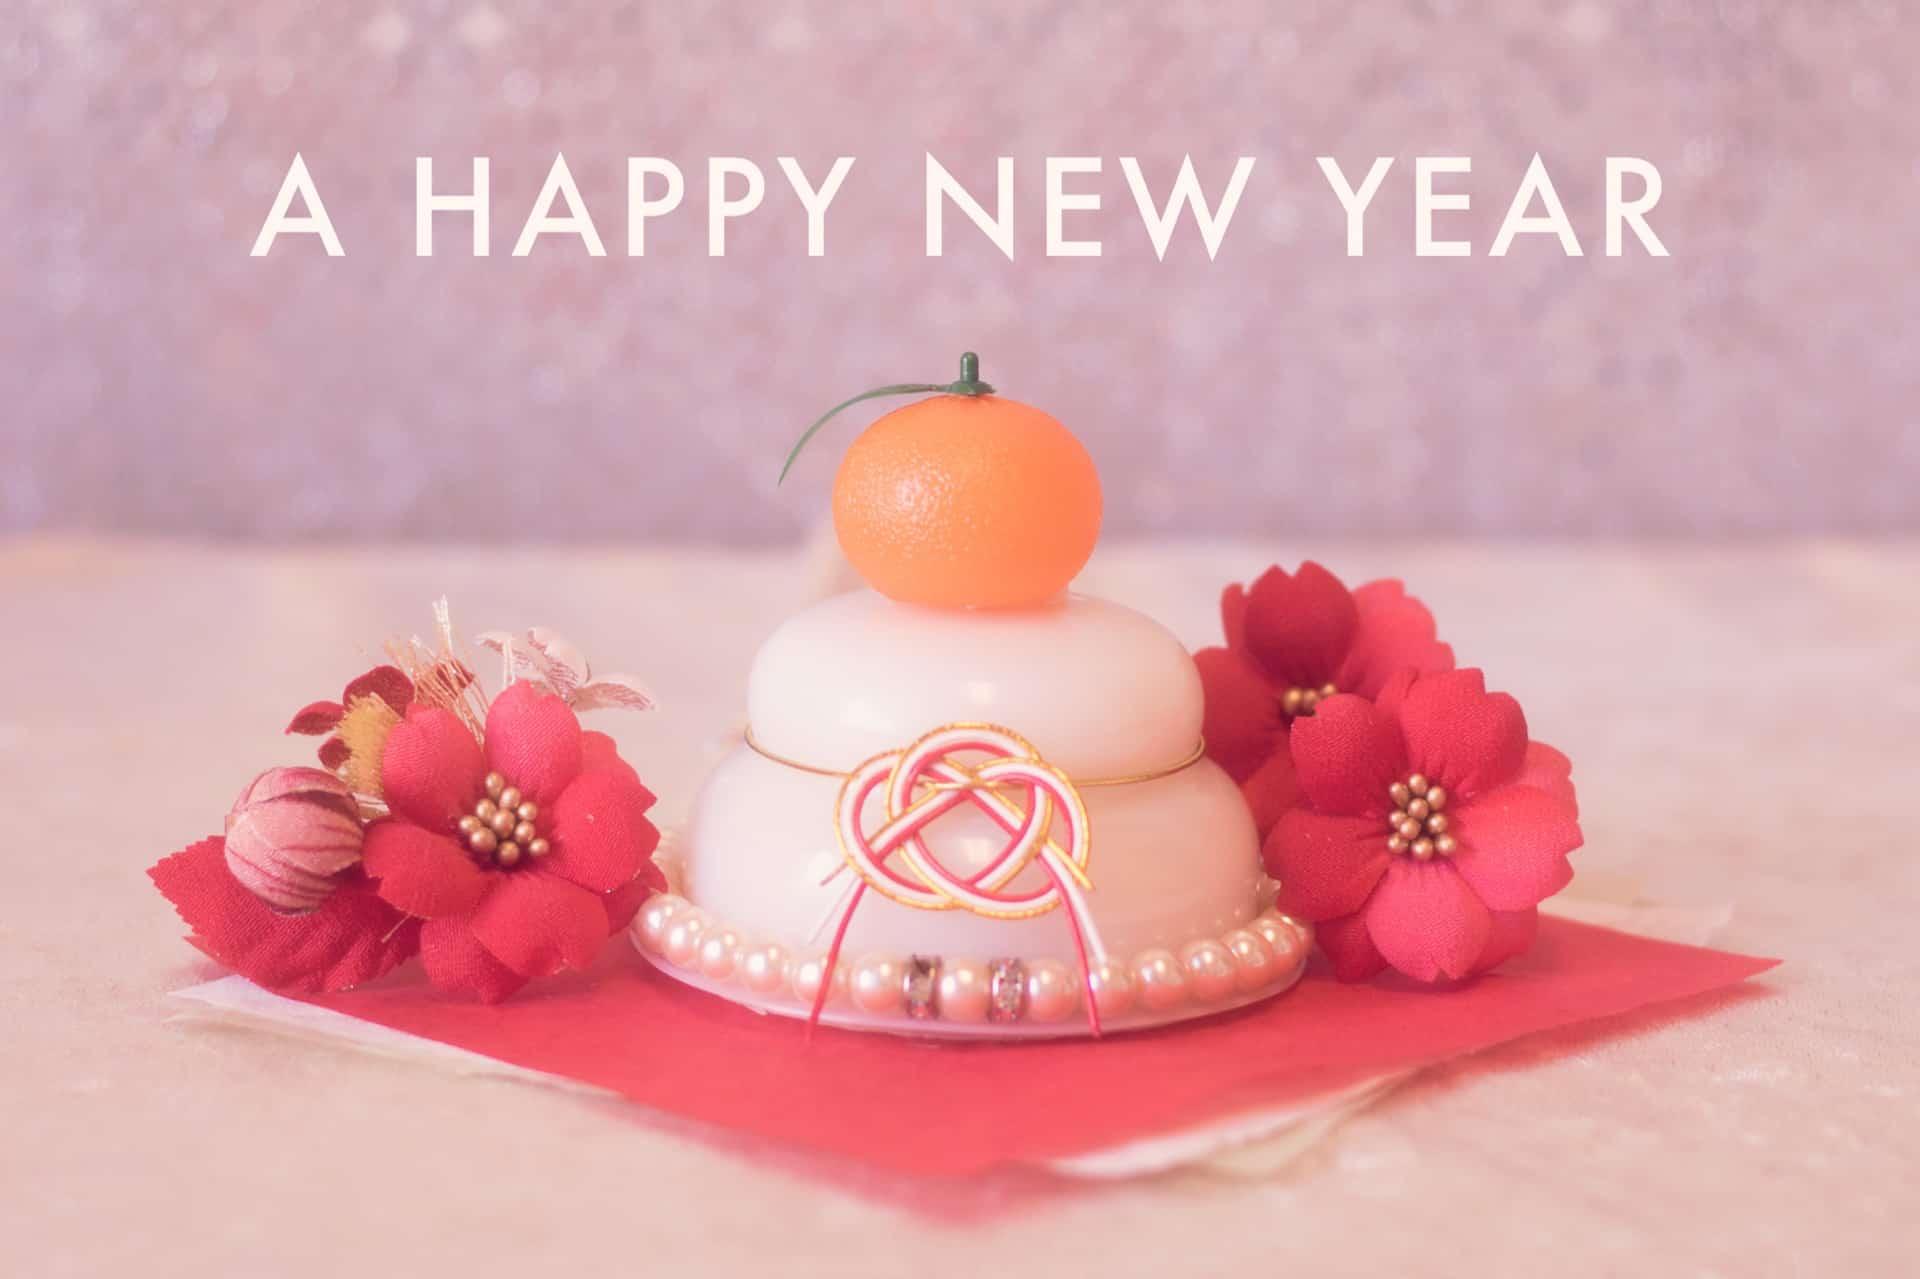 【2020年】神戸の人気おせちで新年を。百貨店・中華・ホテル・レストランのおすすめ店11選